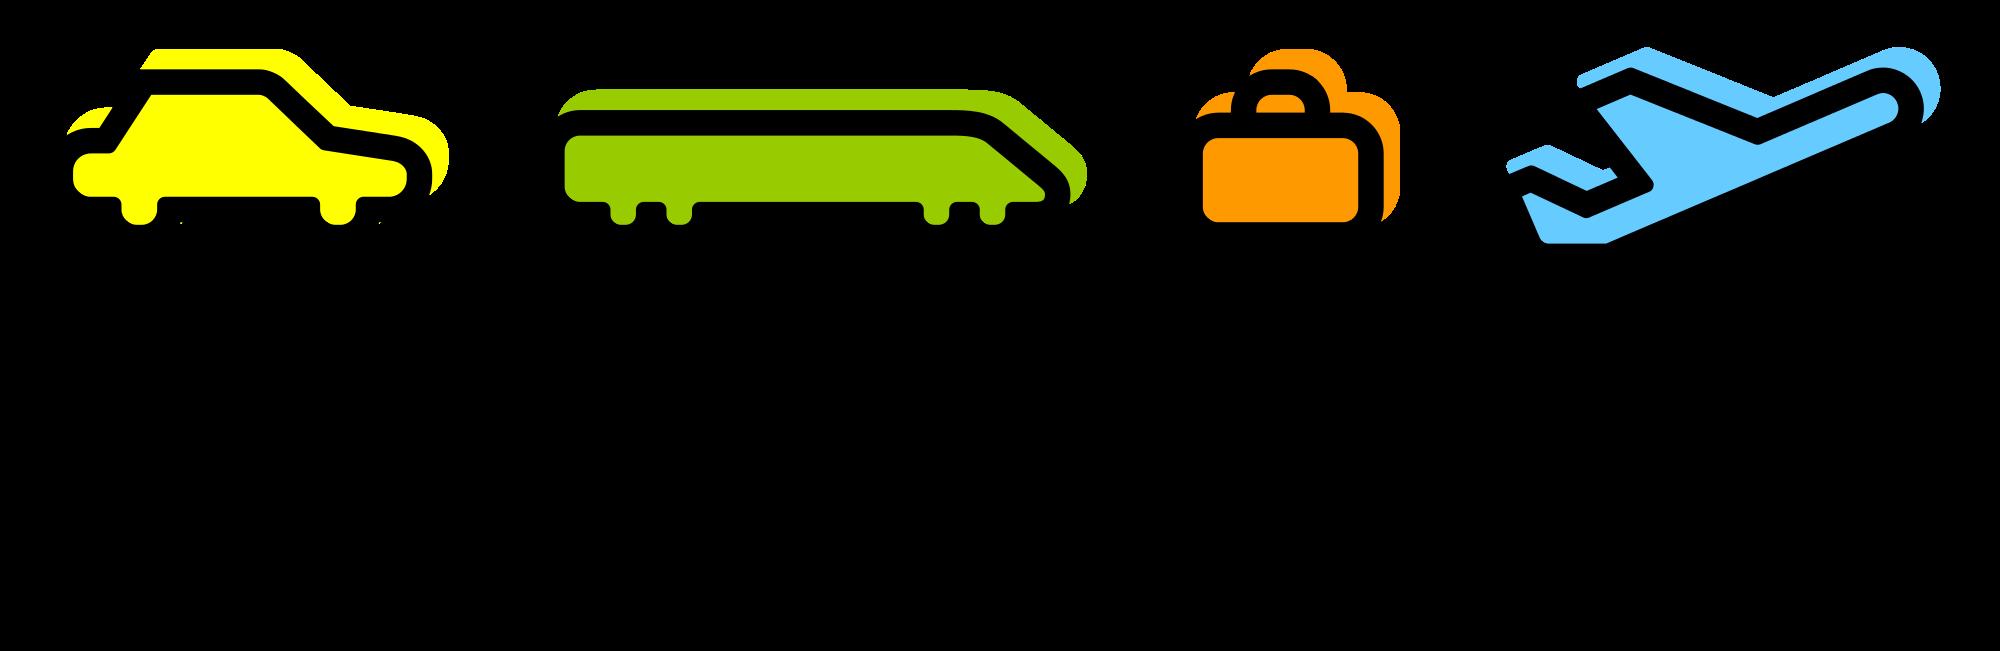 Firmenfitness beim Flughafen Köln Bonn als Maßnahme für betriebliches Gesundheitsmanagement